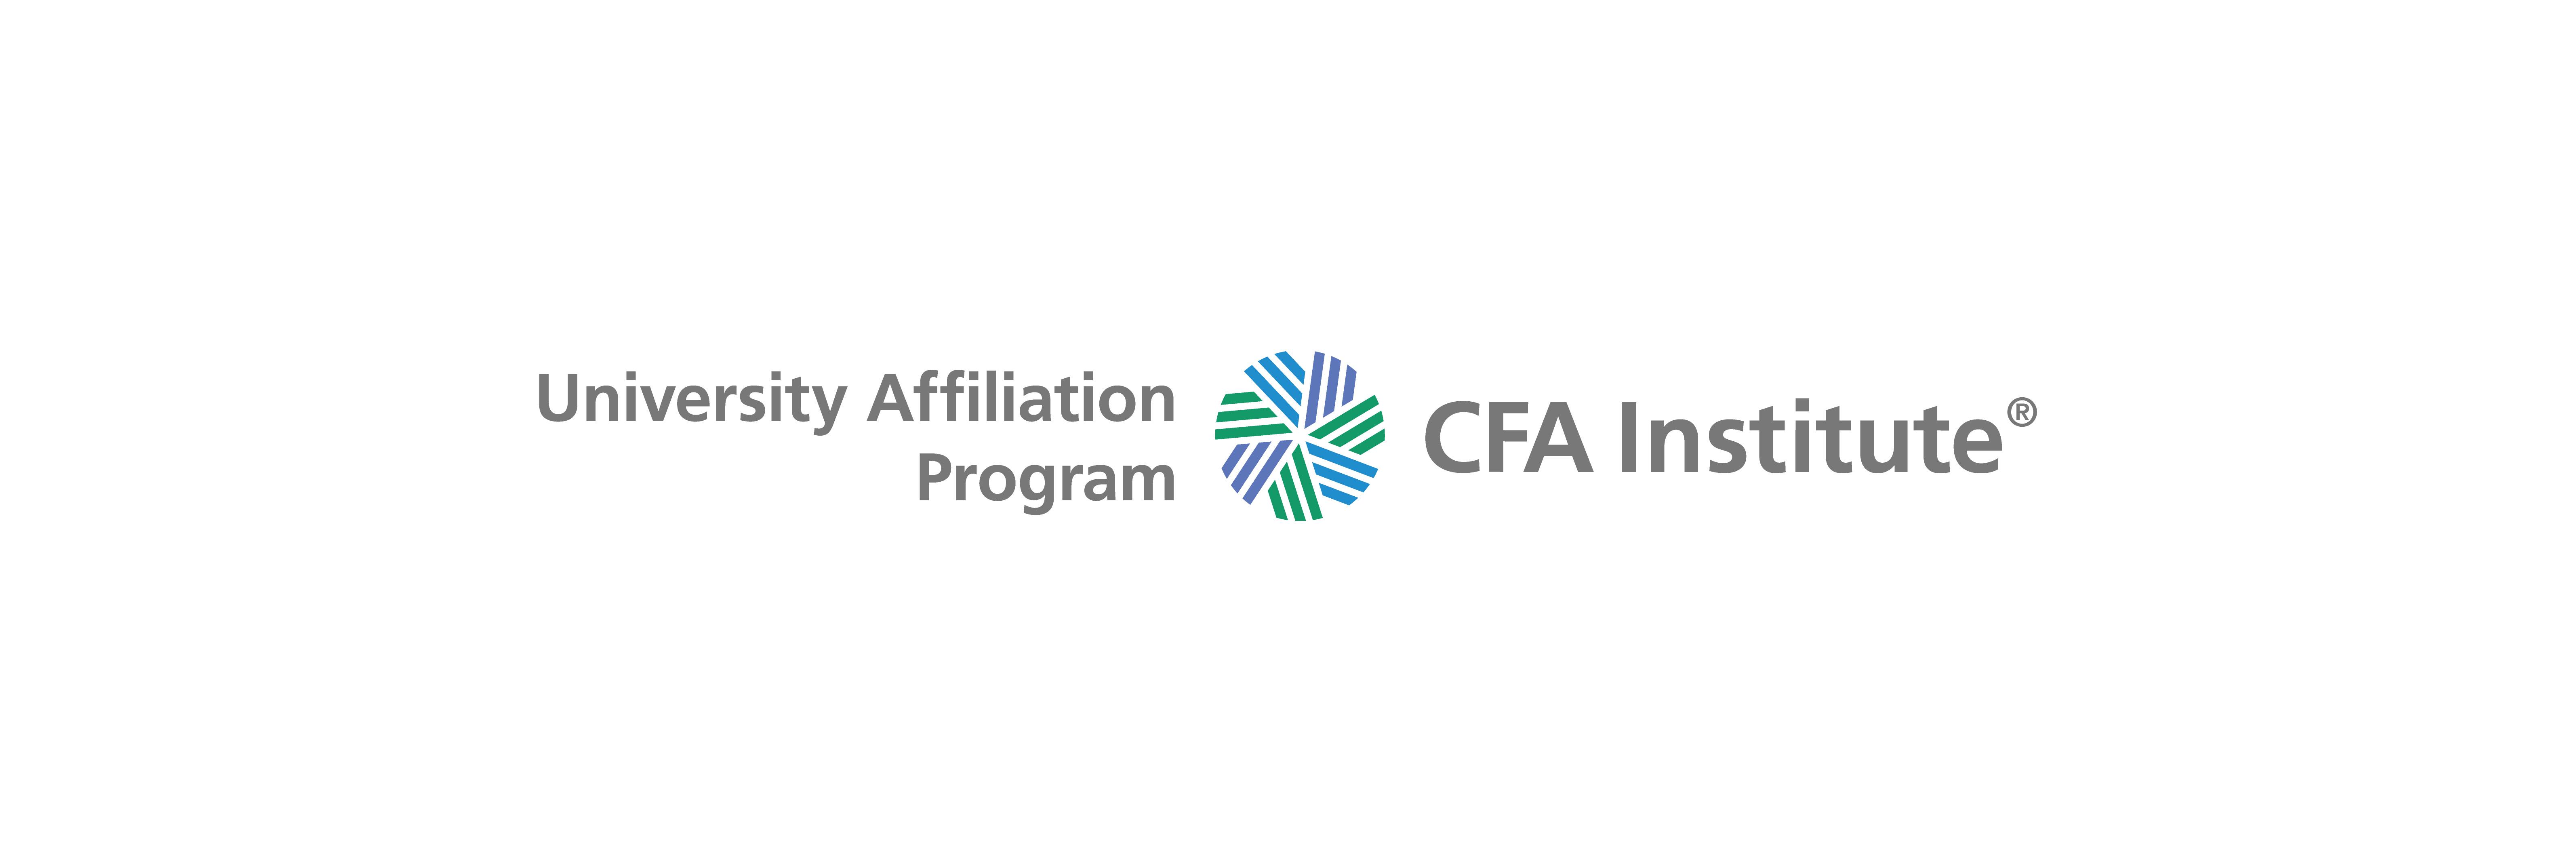 Finance and Banking-Level I CFA Program exam